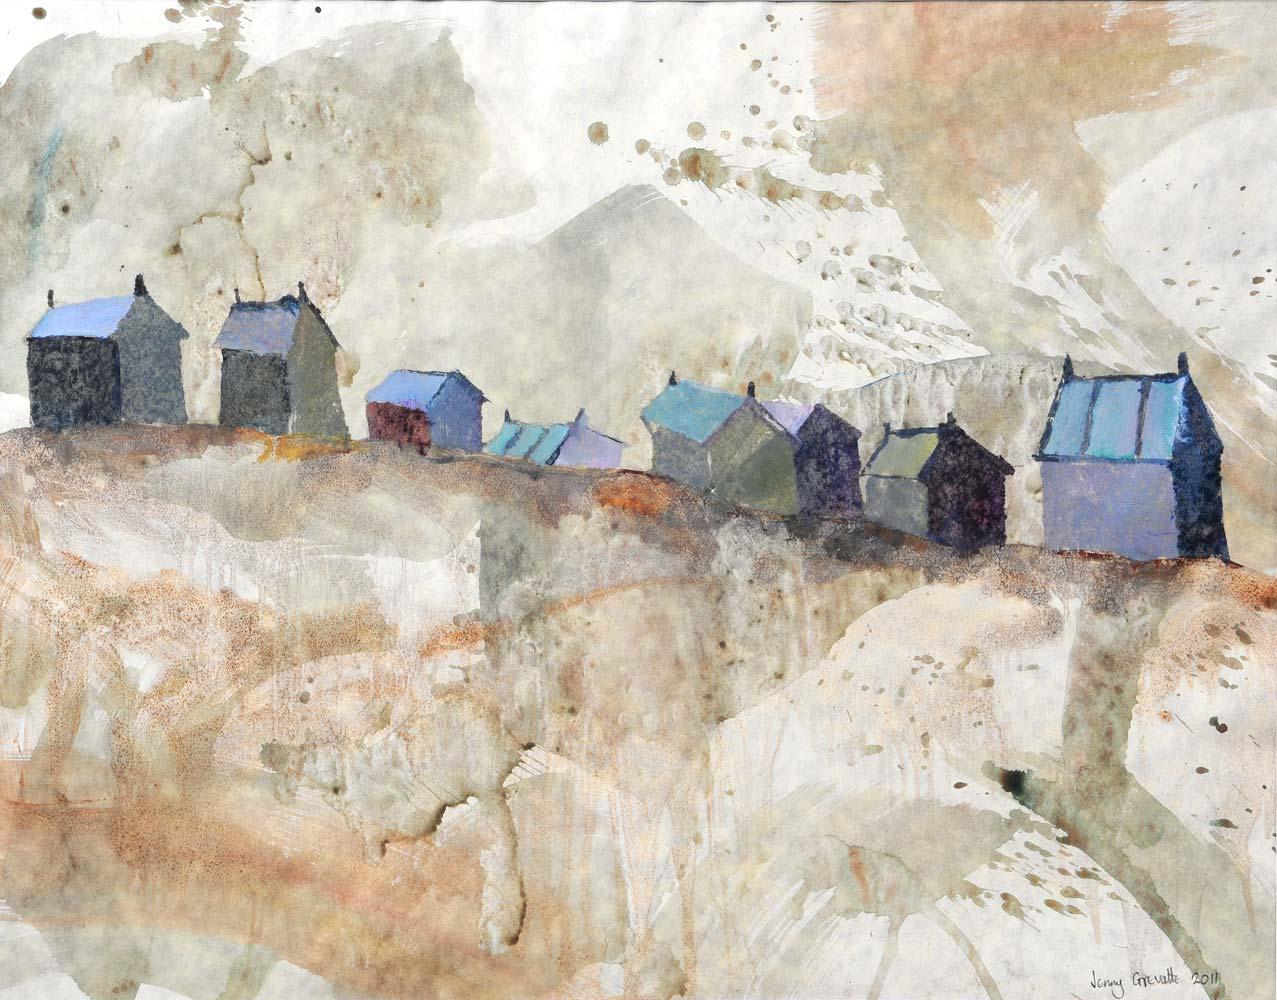 Huts on the dunes, Walberswick